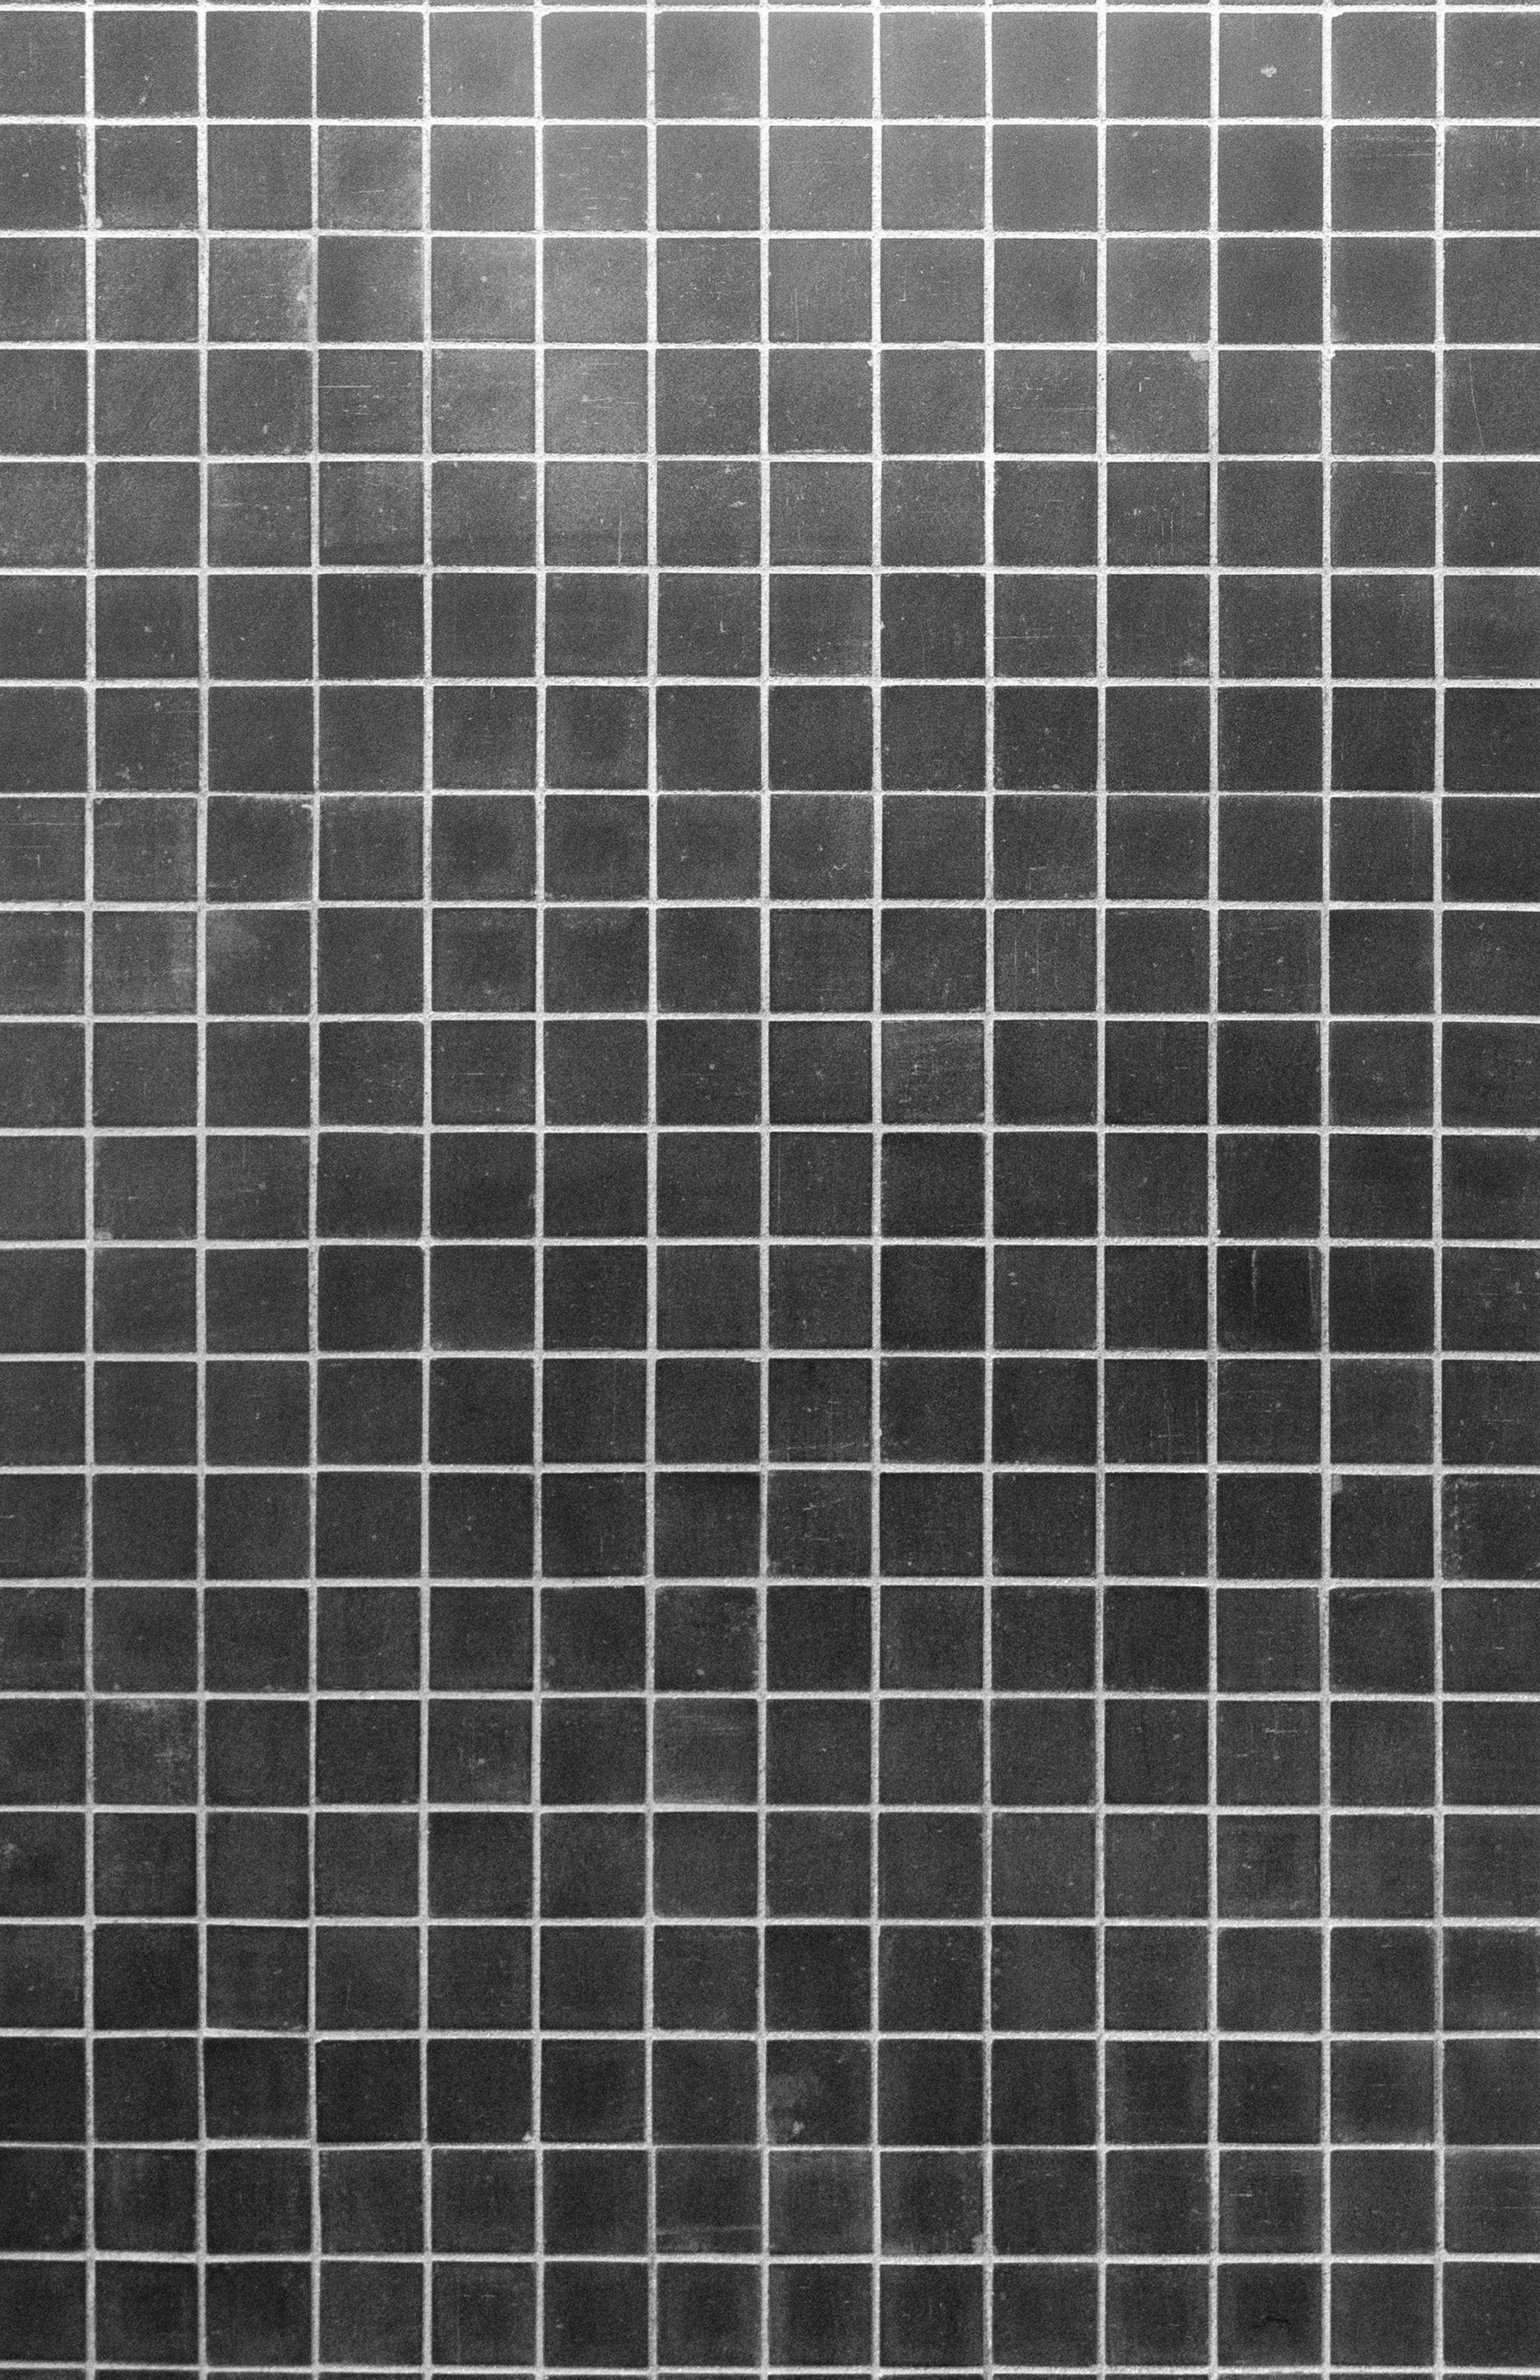 14GAS.07_Substances architectes lavaux Vevey Riex.jpg